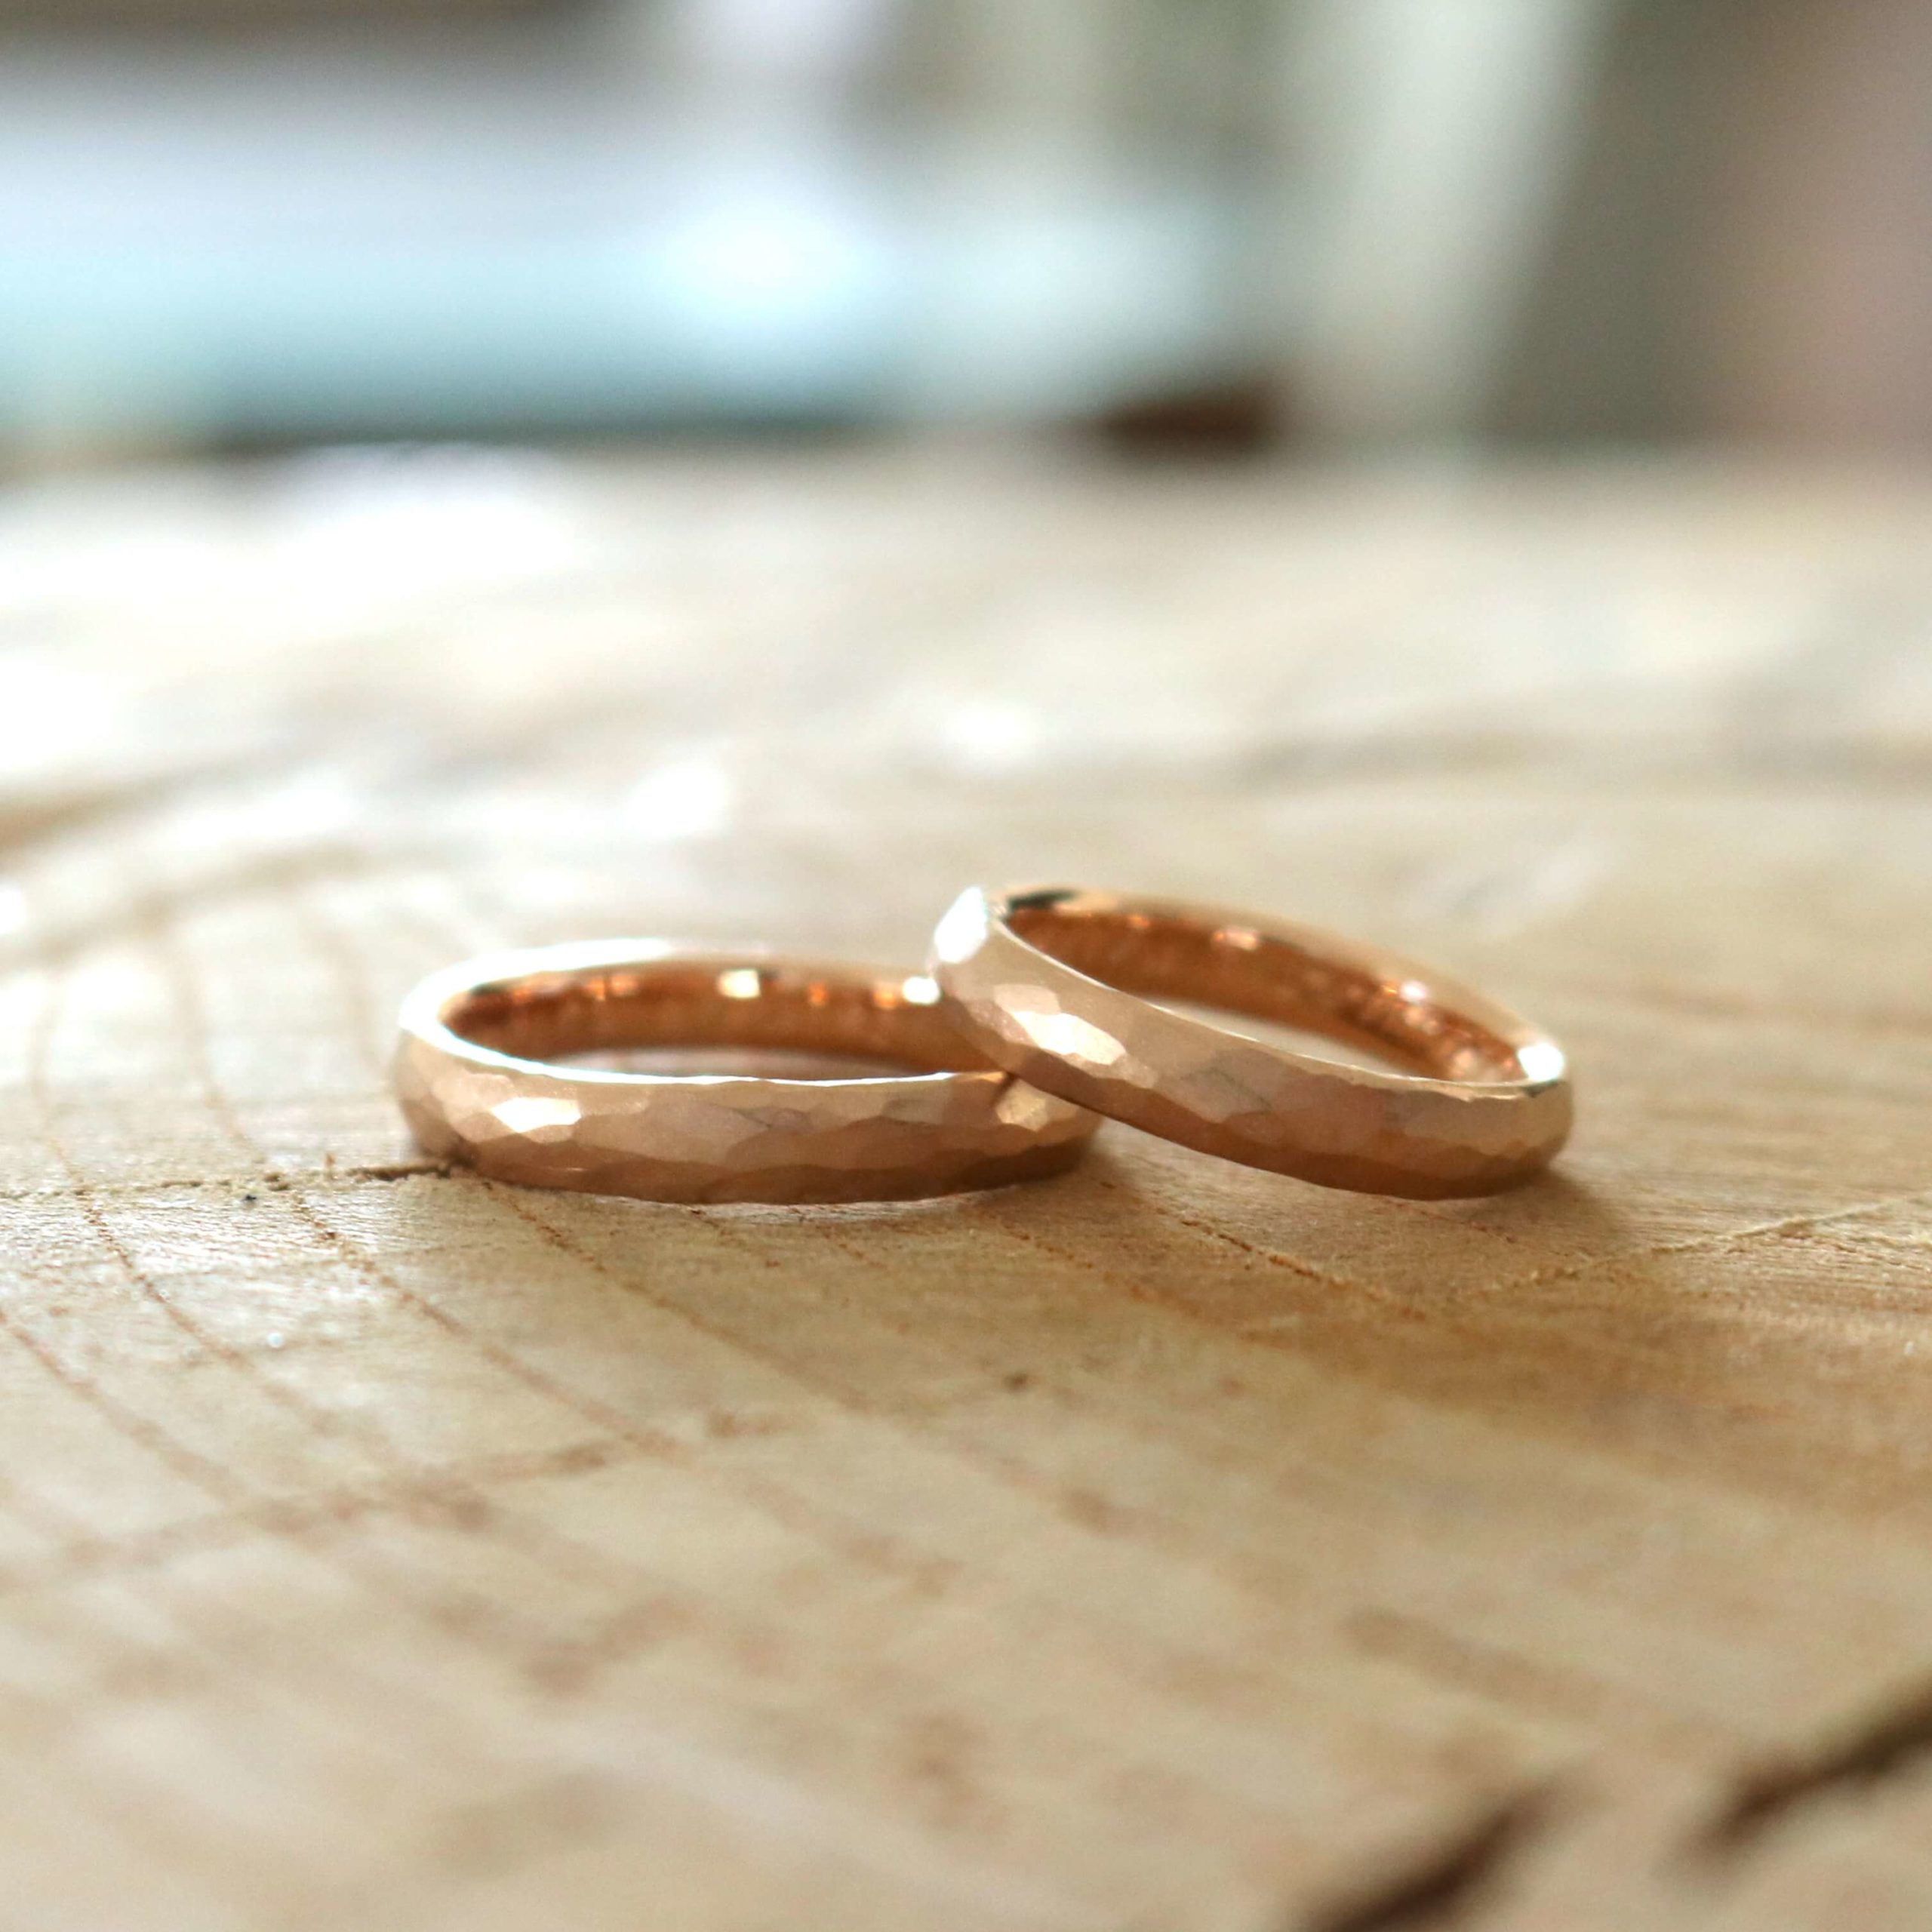 鎚目の結婚指輪